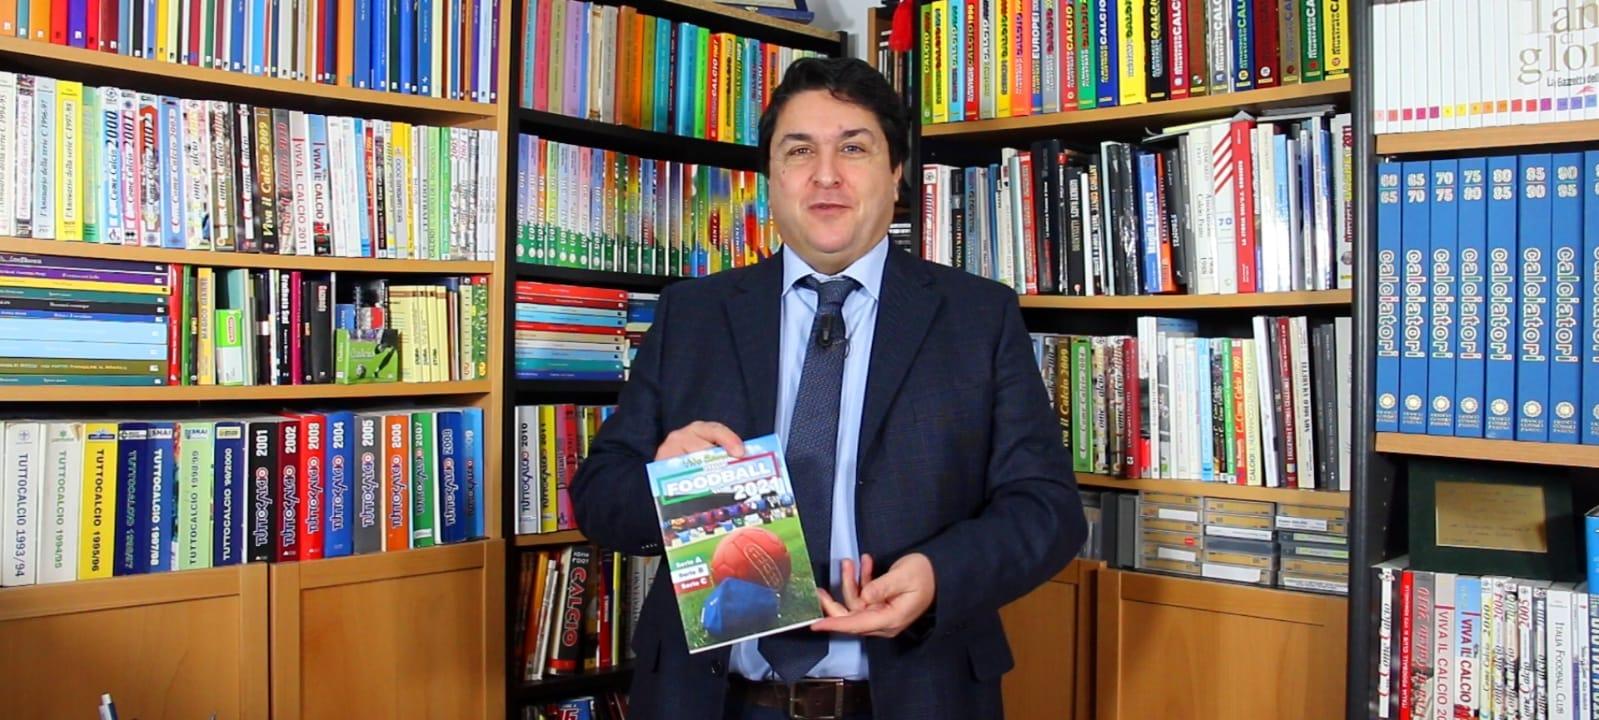 """Arriva la nuova edizione dell'annuario """"Italia Foodball Club"""" di Vito Romaniello consultabile gratuitamente. Cento squadre e cento menu"""